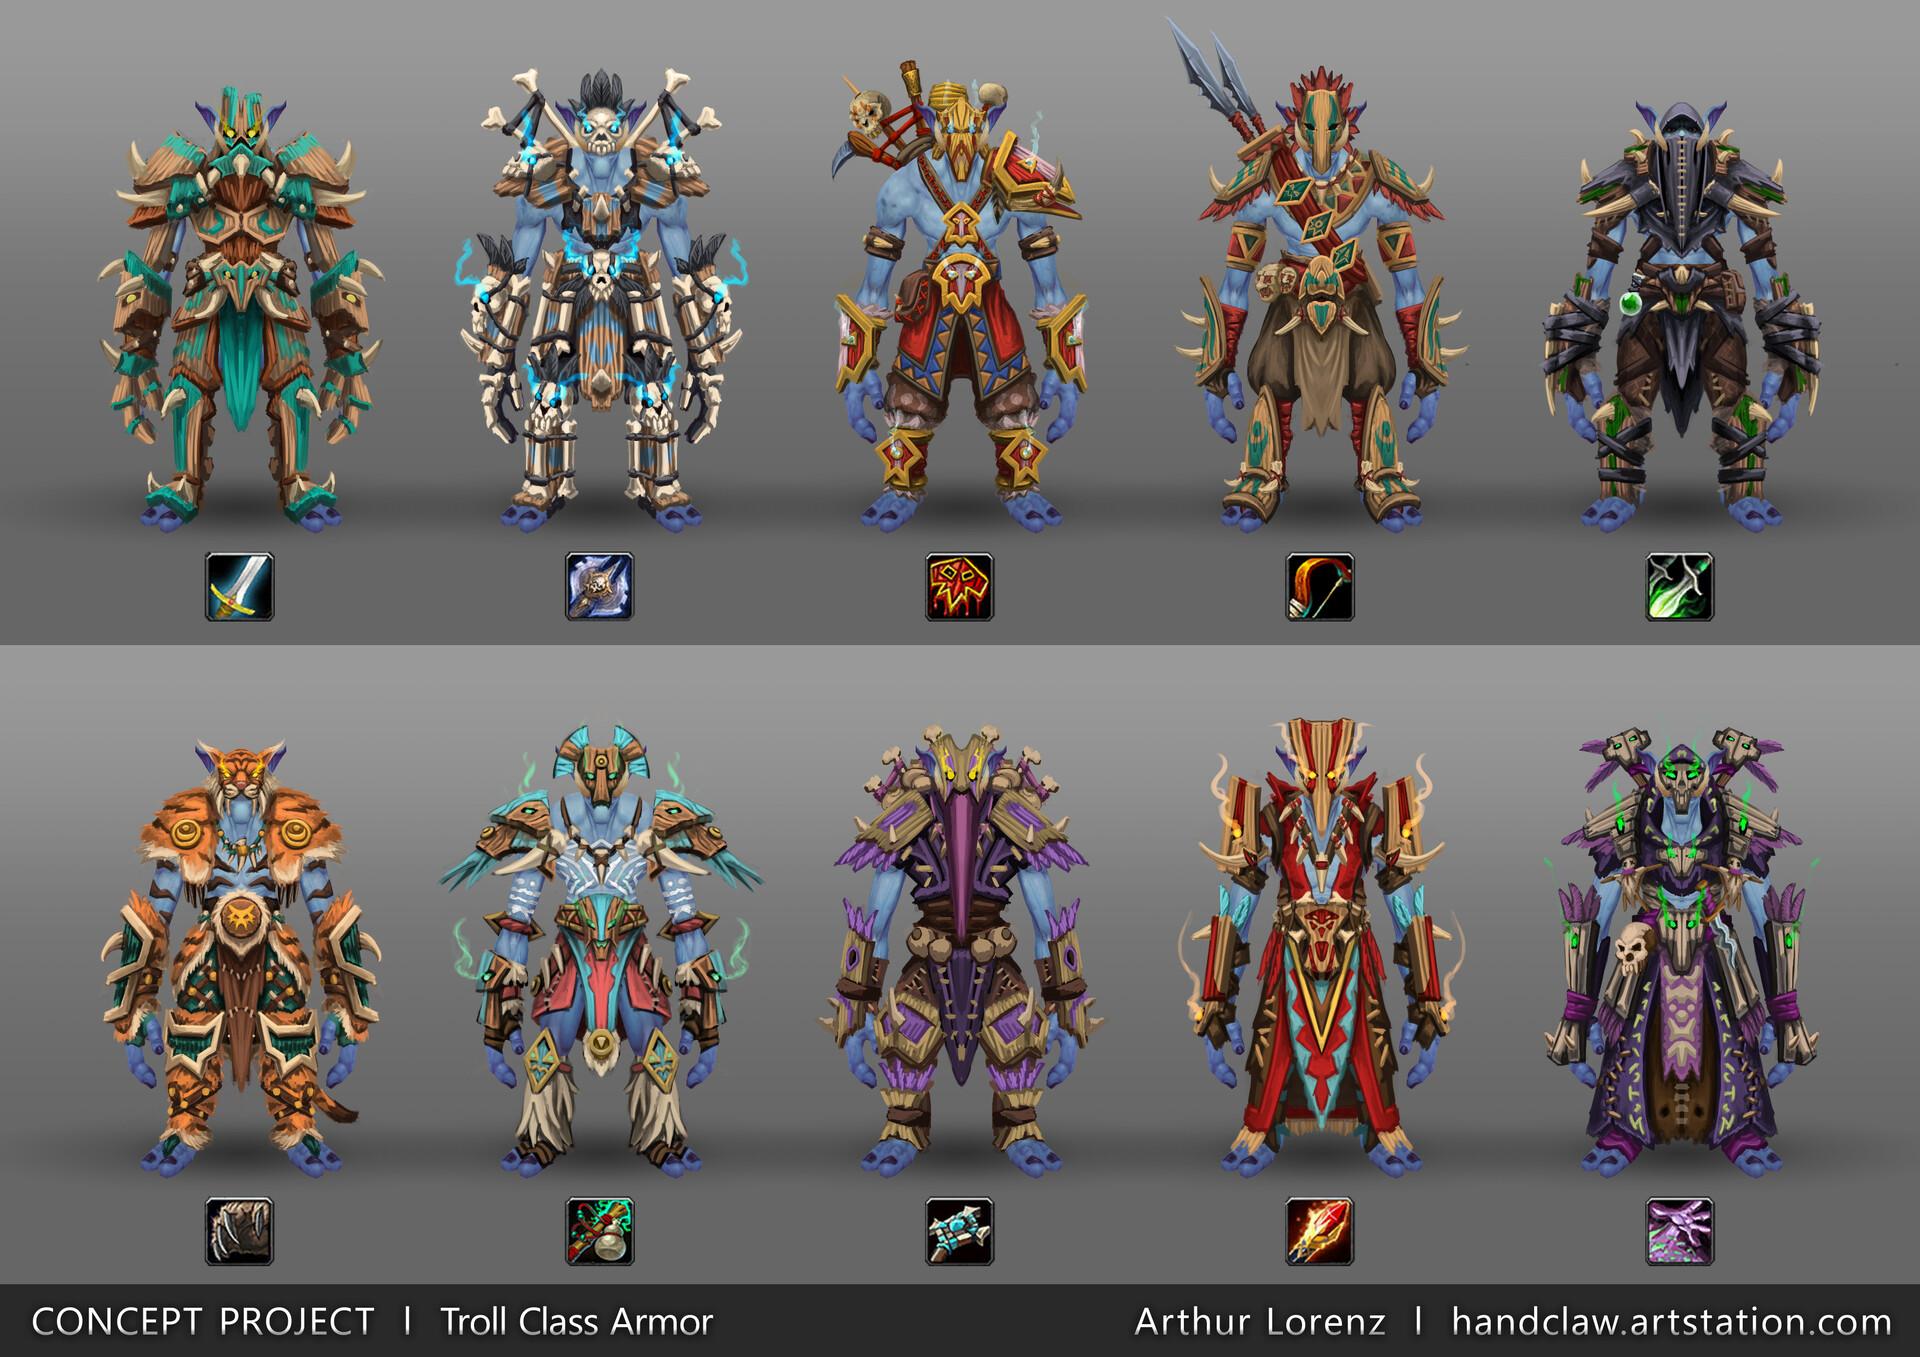 arthur-lorenz-artstation-trolls-v2.jpg?1